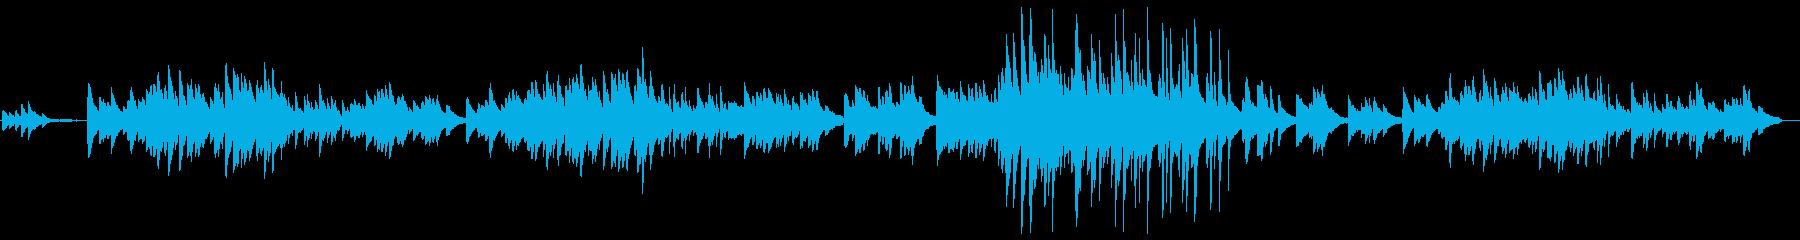 3拍子の癒しをピアノソロで。ヒーリング♪の再生済みの波形